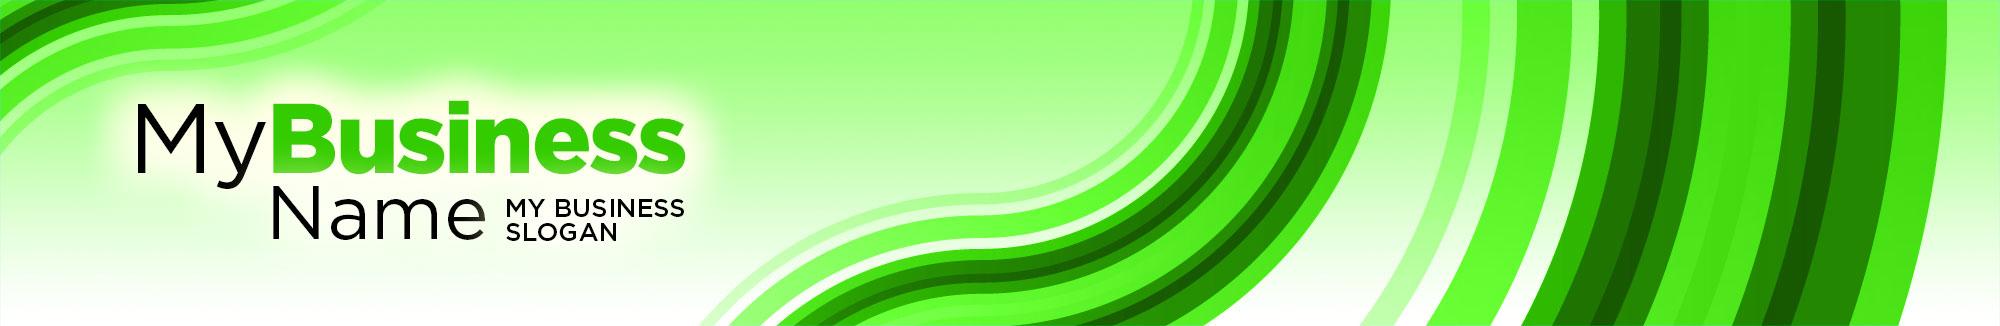 Green Environmental Website Template